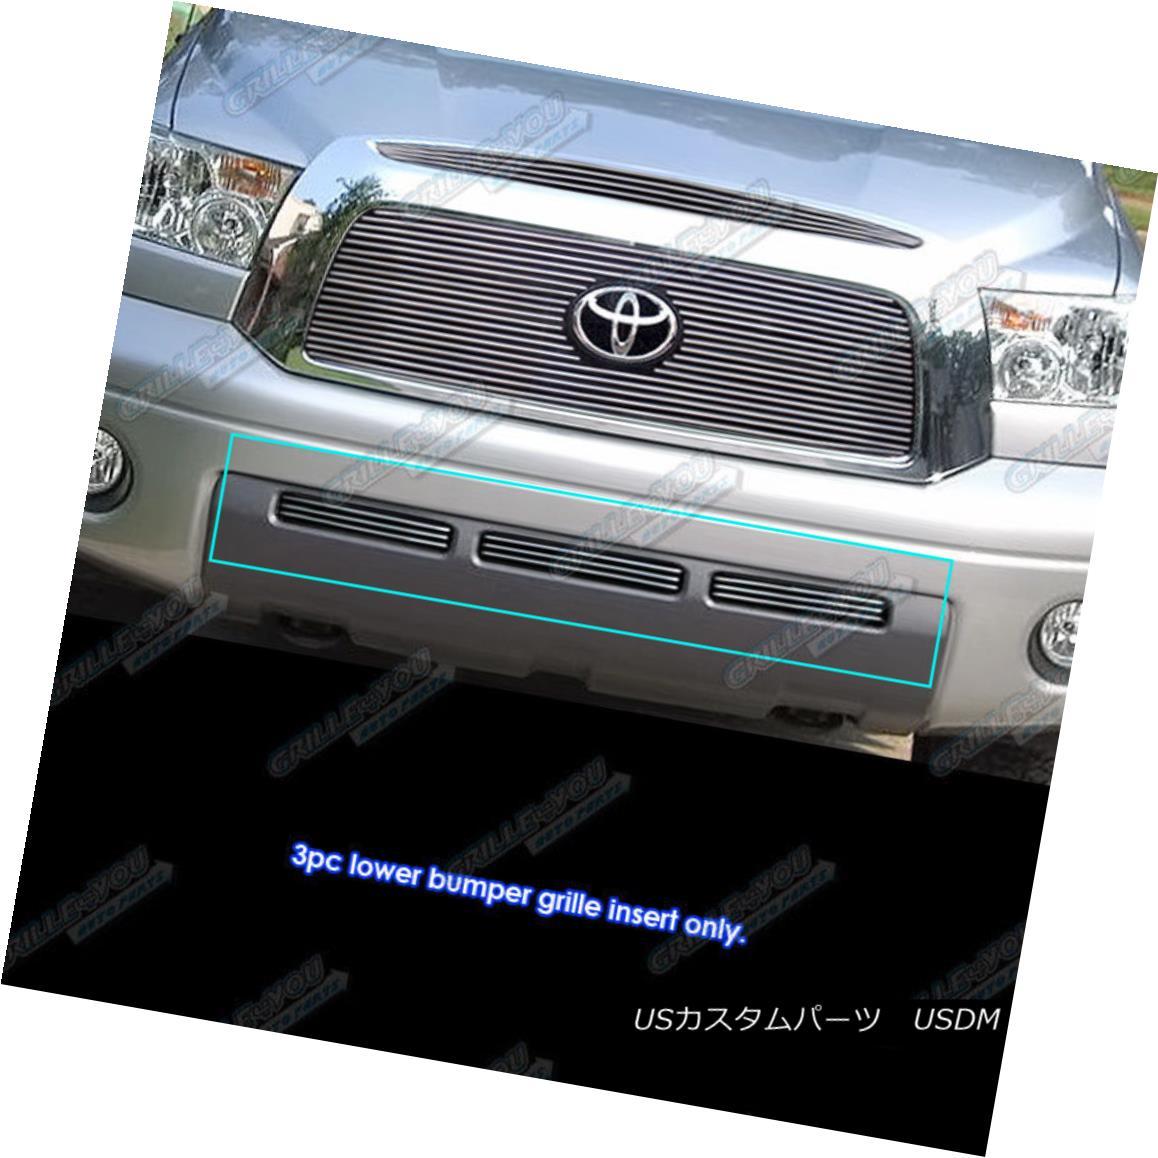 グリル Fits 2007-2009 Toyota Tundra Lower Bumper Billet Grille Insert 2007?2009年のトヨタ・トンドラ・ロワー・バンパー・ビレット・グリル・インサート